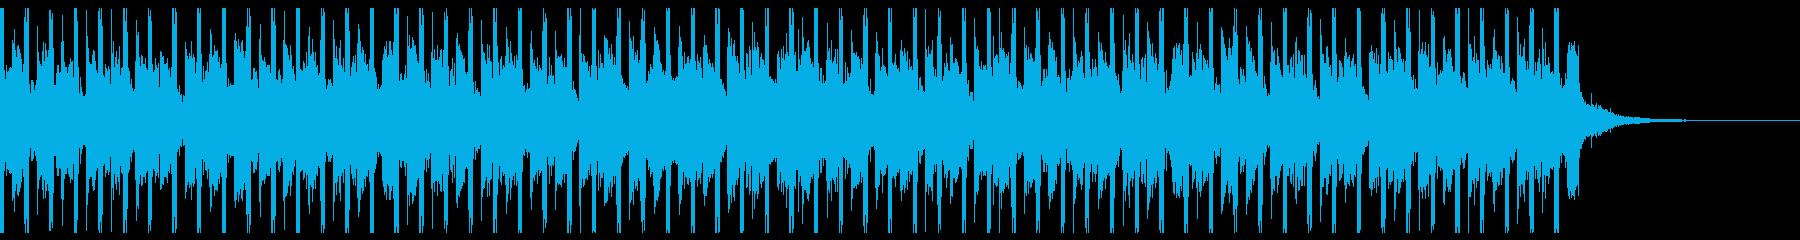 テクノロジー・アップビート(30秒)の再生済みの波形